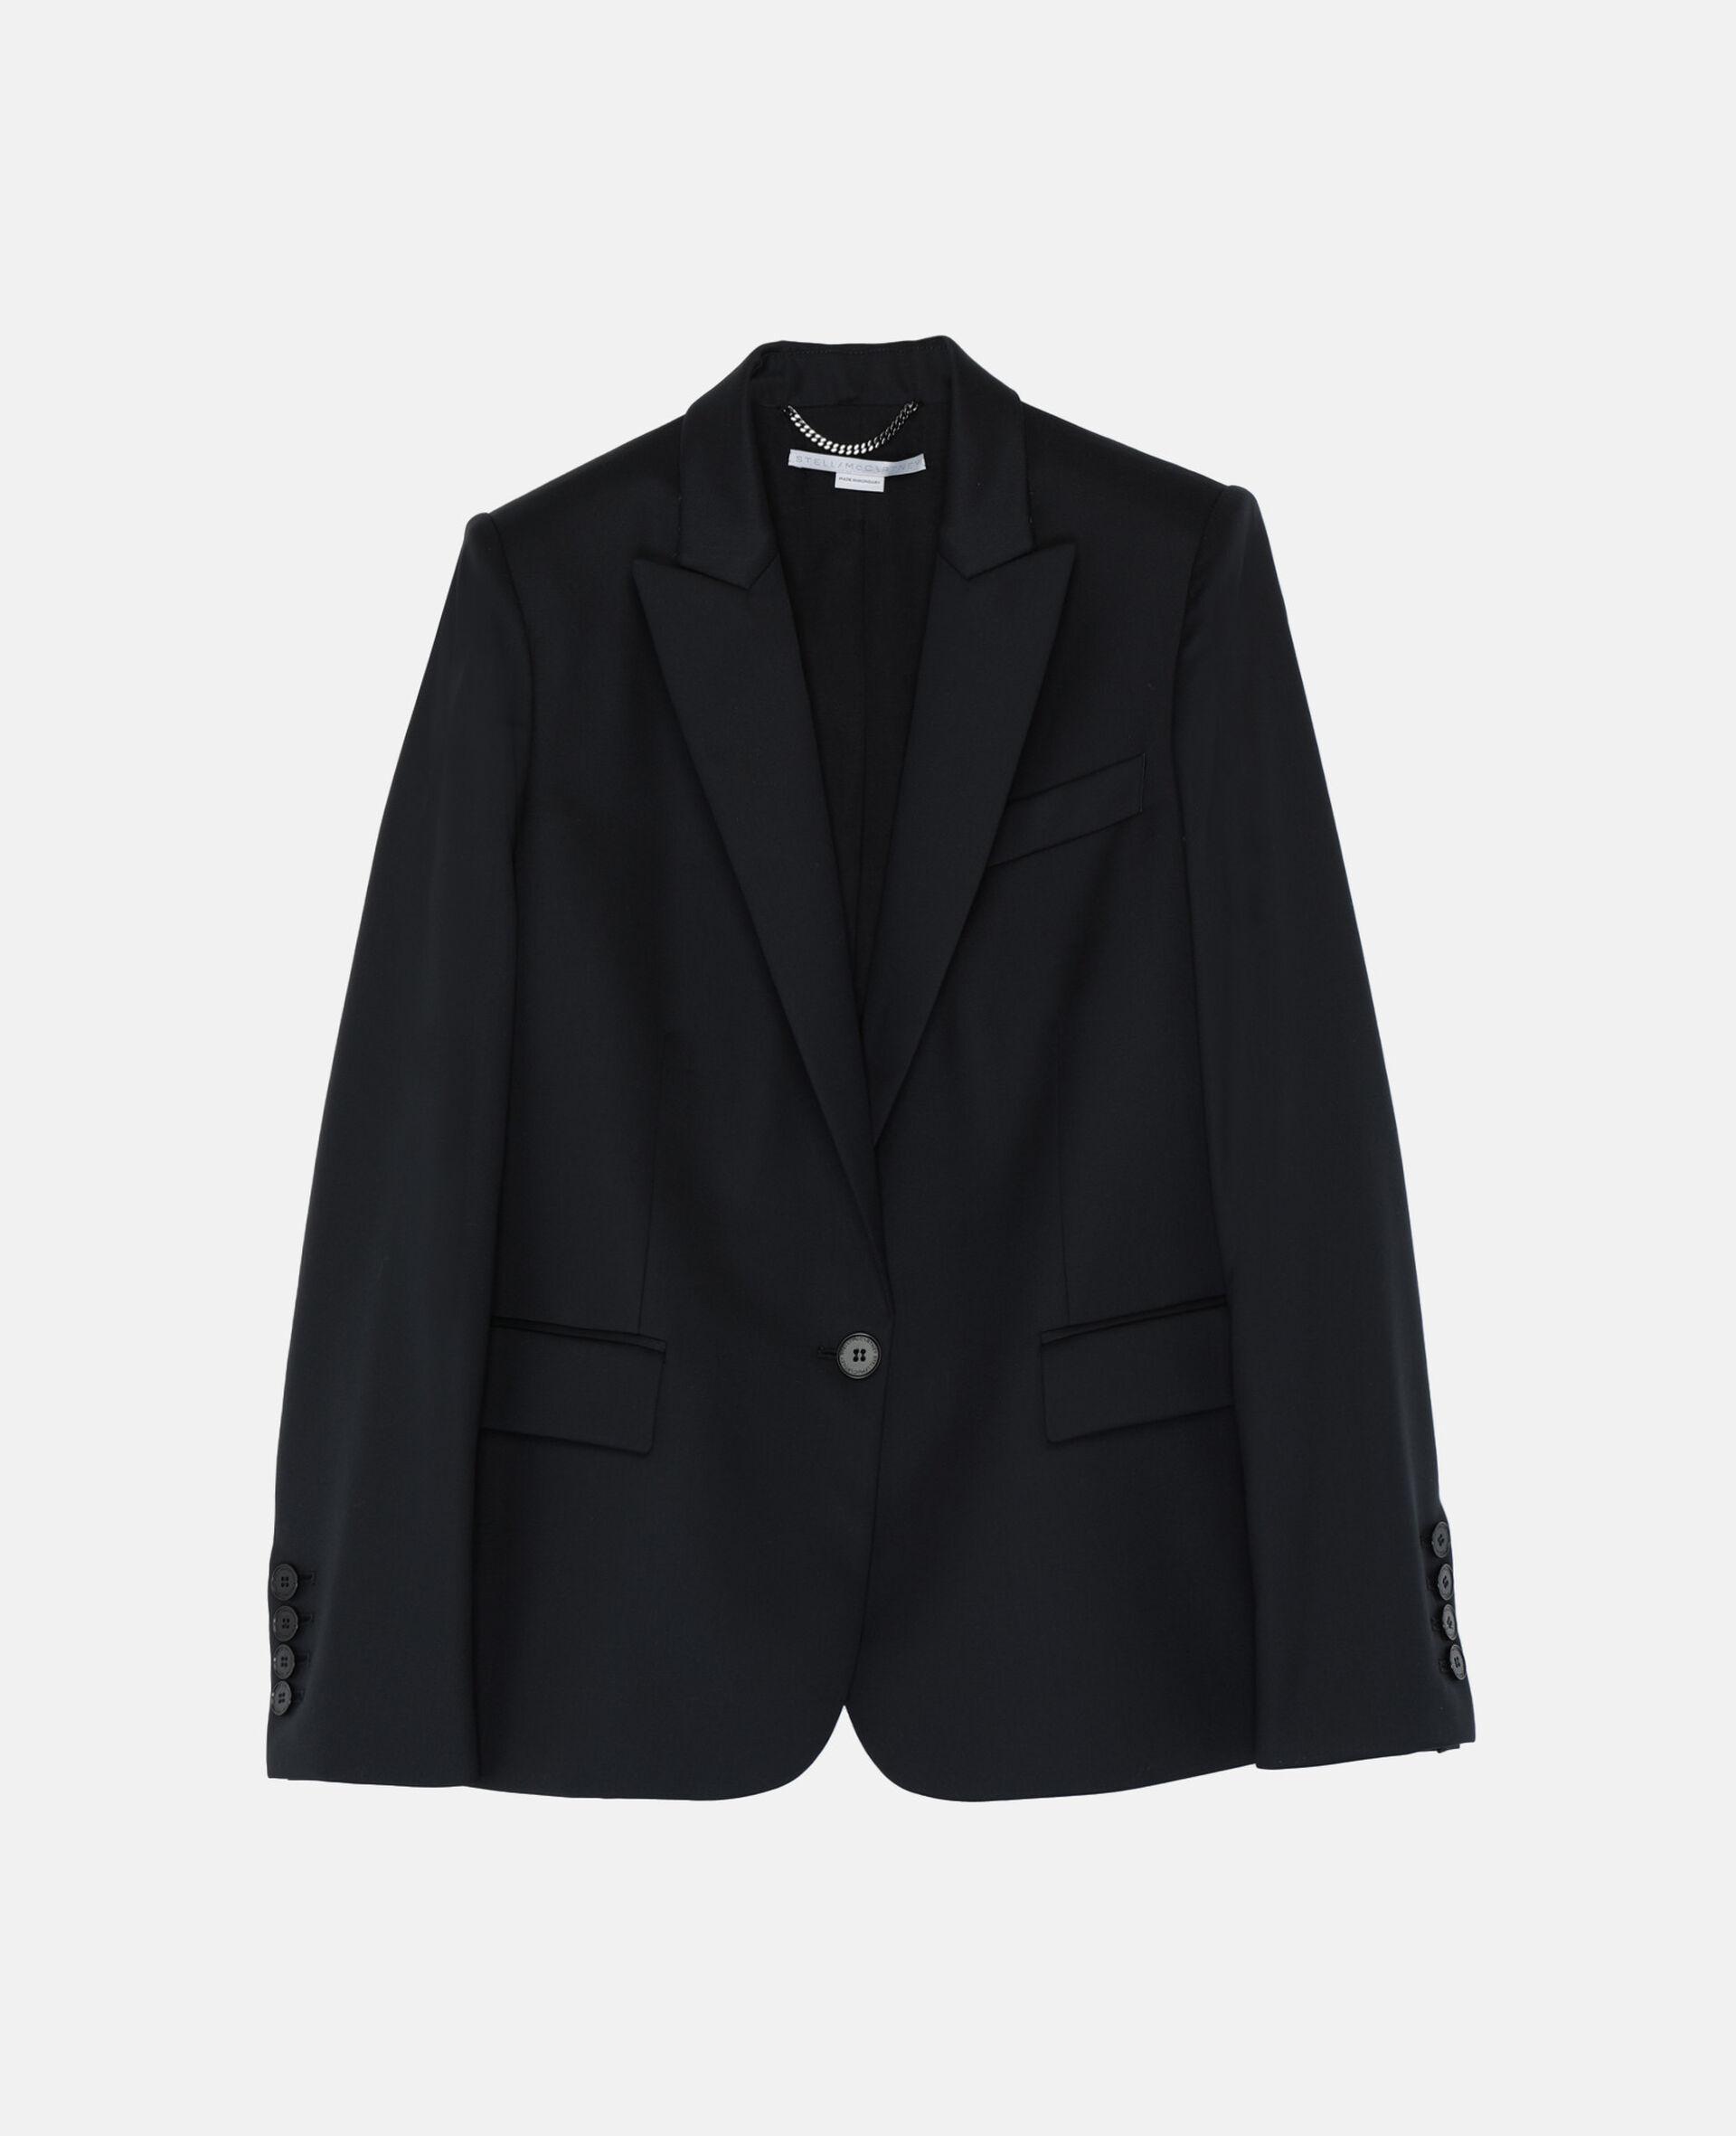 Iris Taioring Jacket-Black-large image number 1